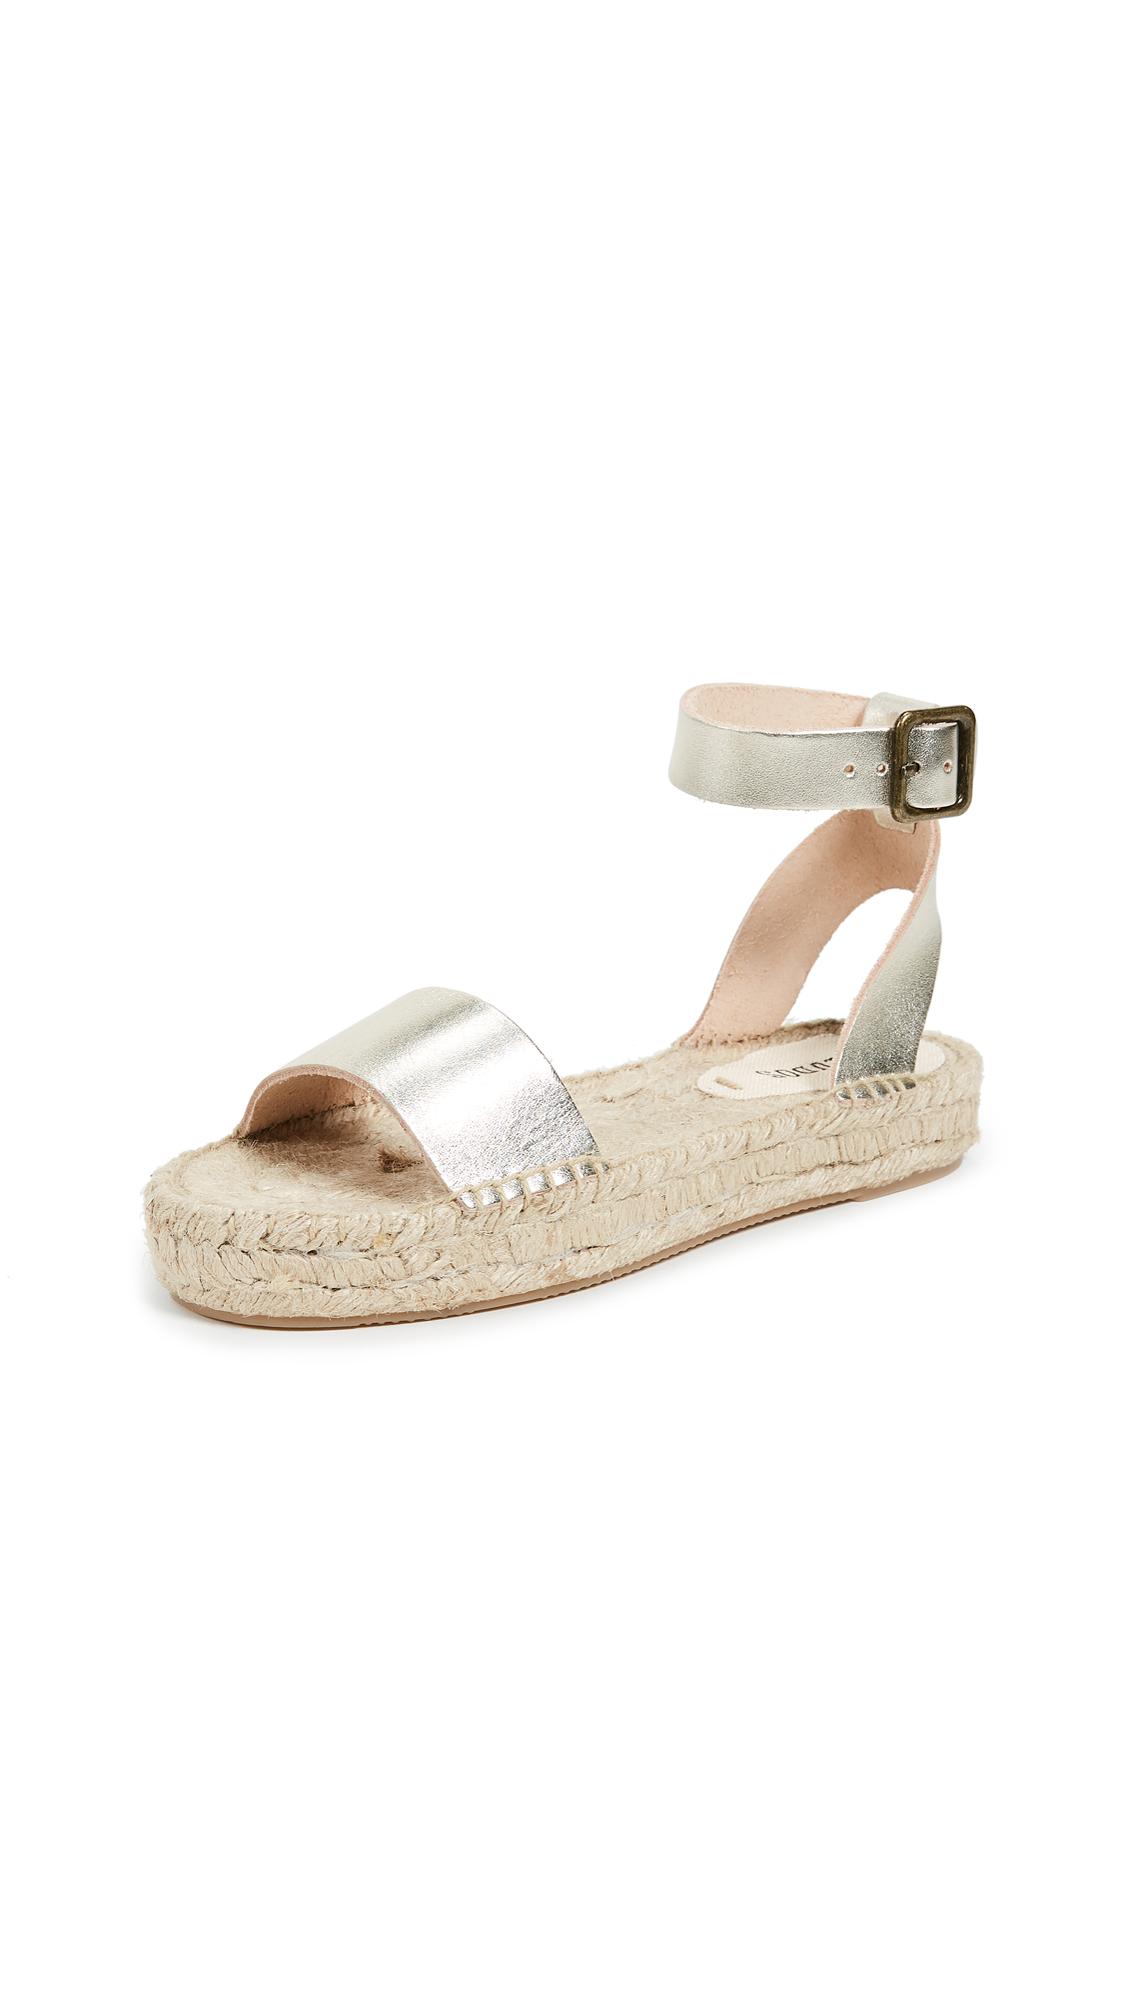 Soludos Cadiz Sandals - Platinum